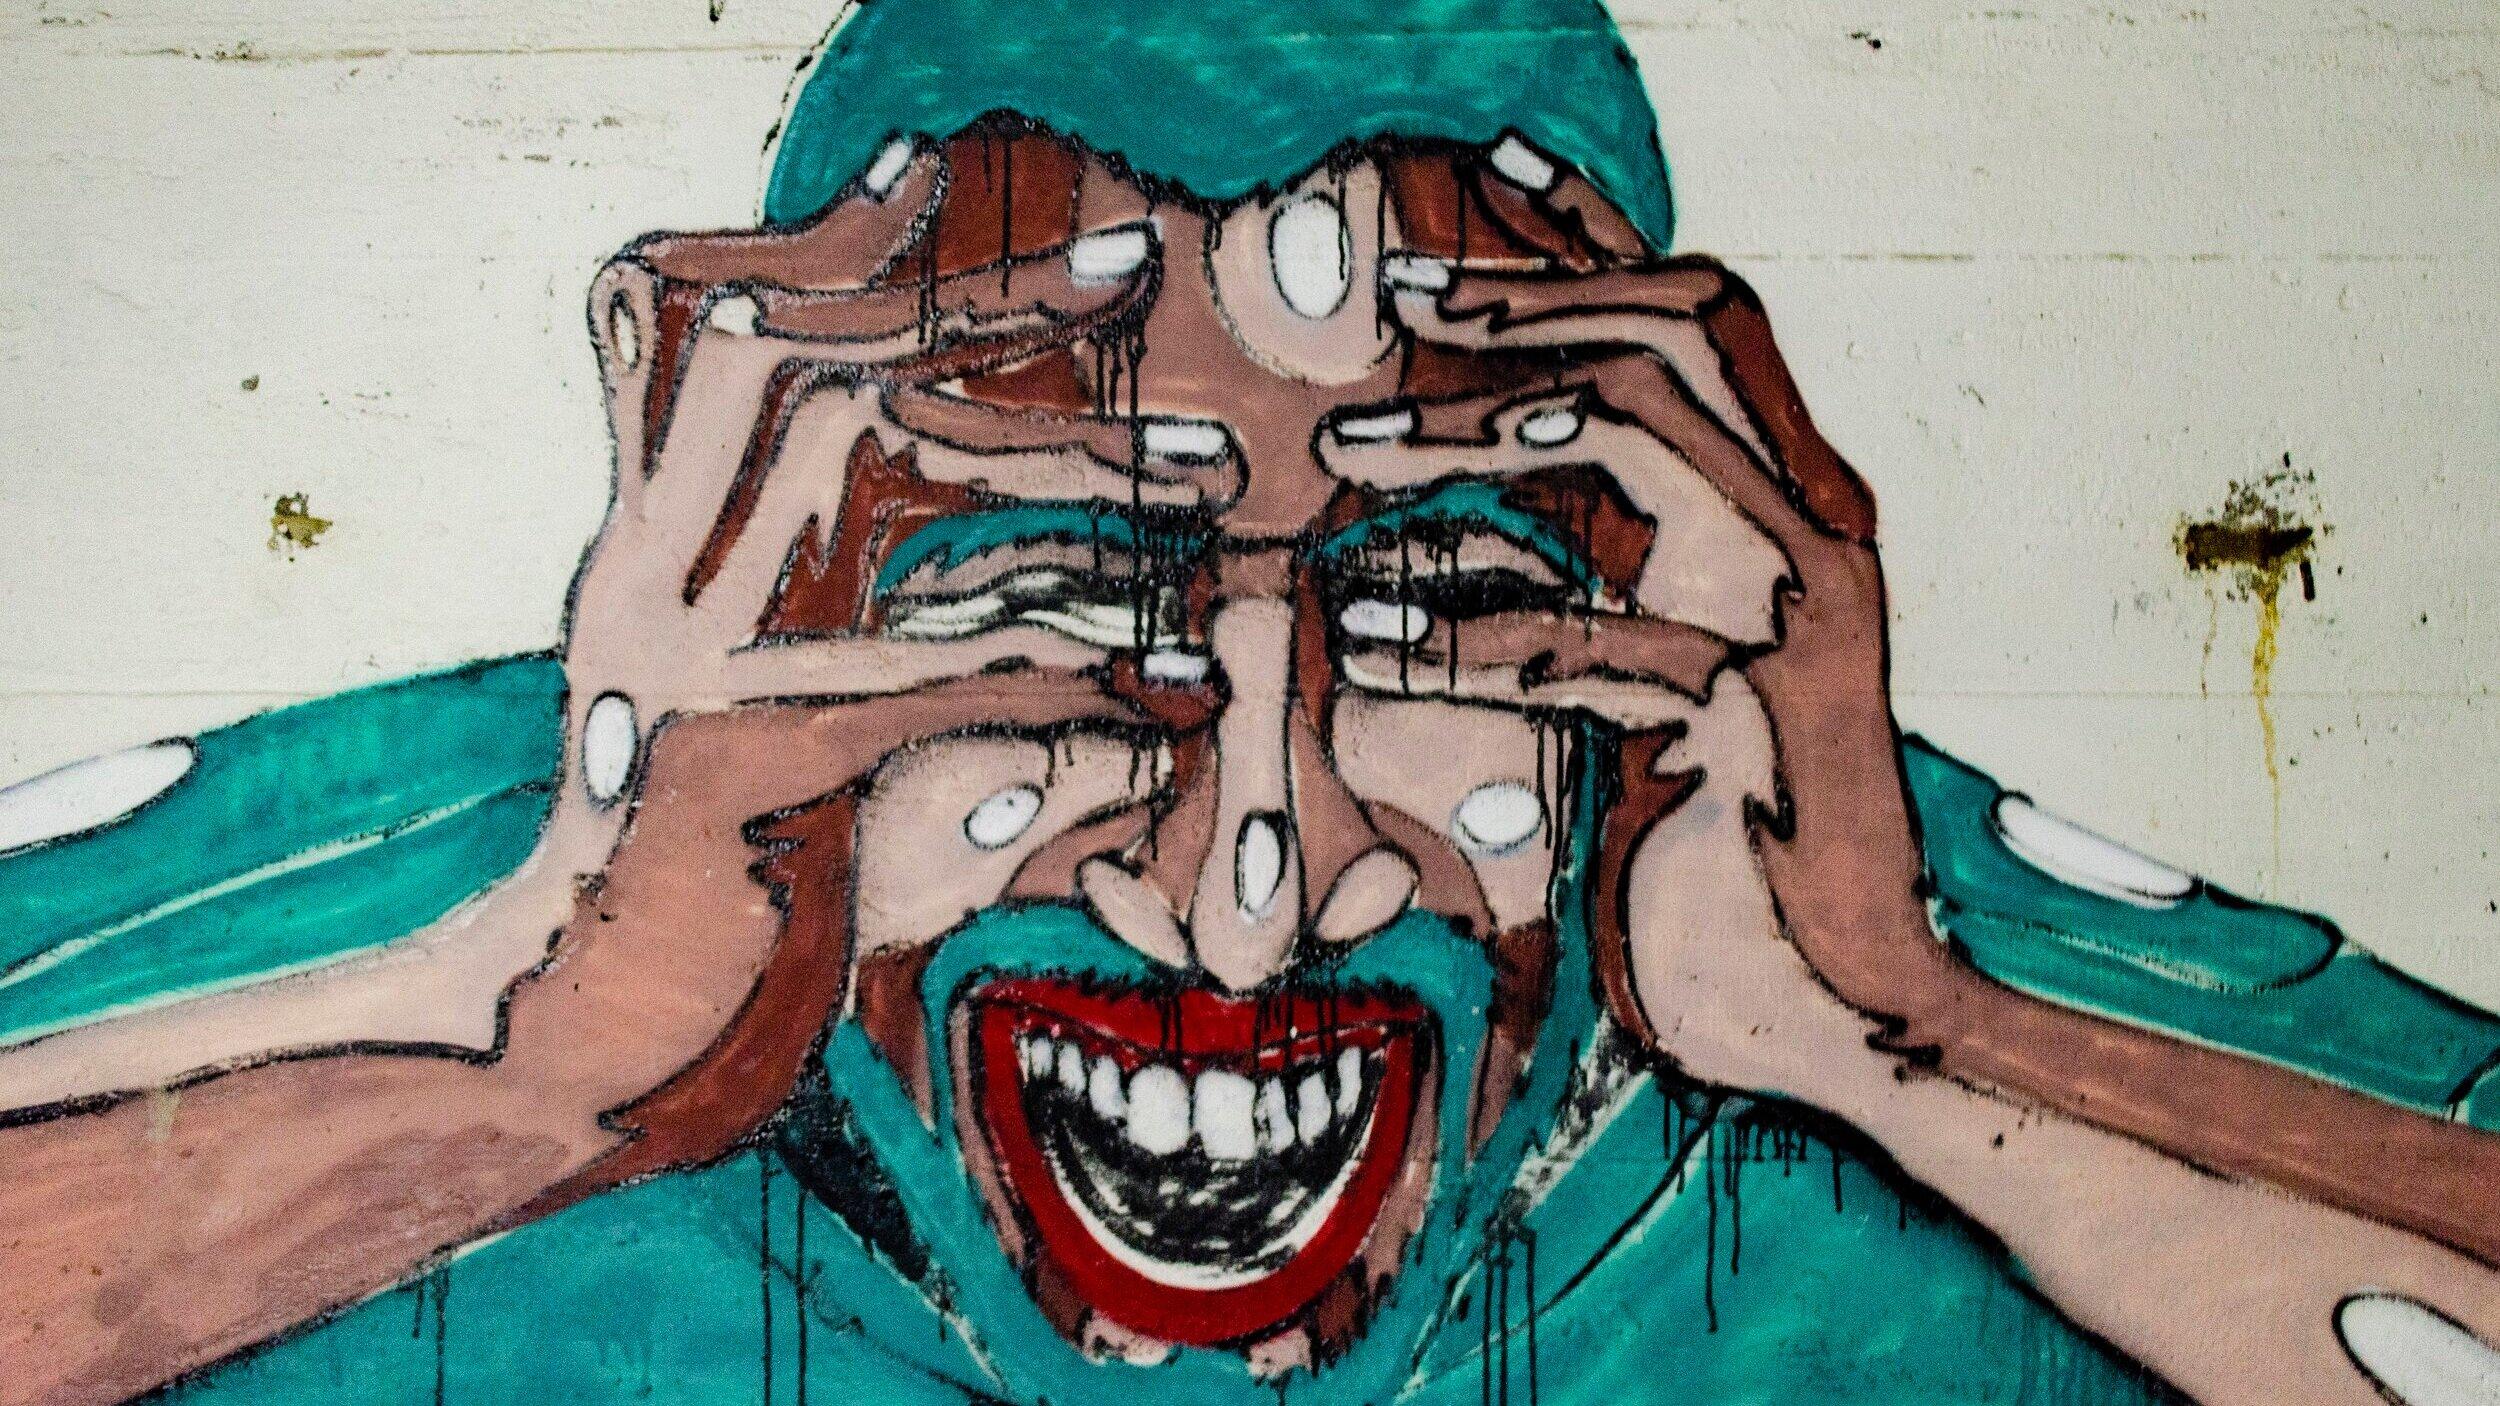 stresssymptoms